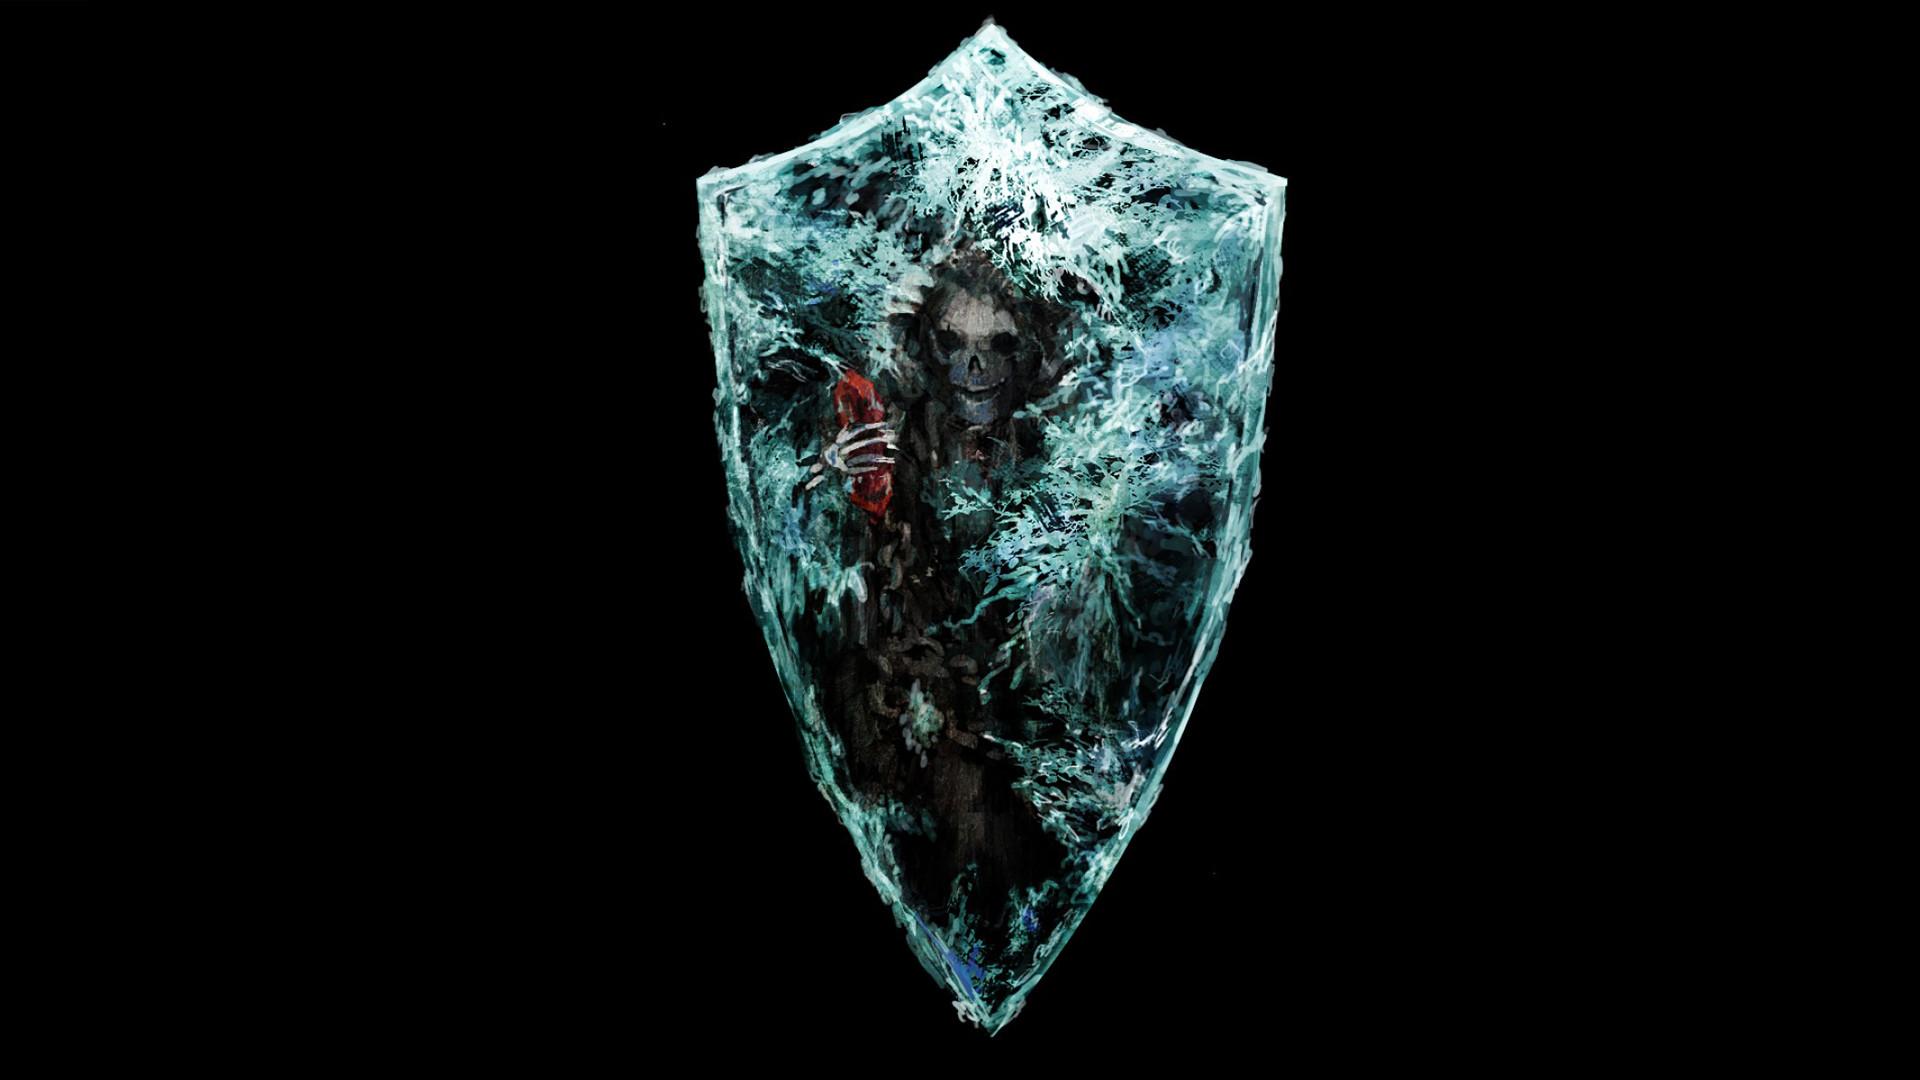 dark souls 2 / II game hd wallpaper , image